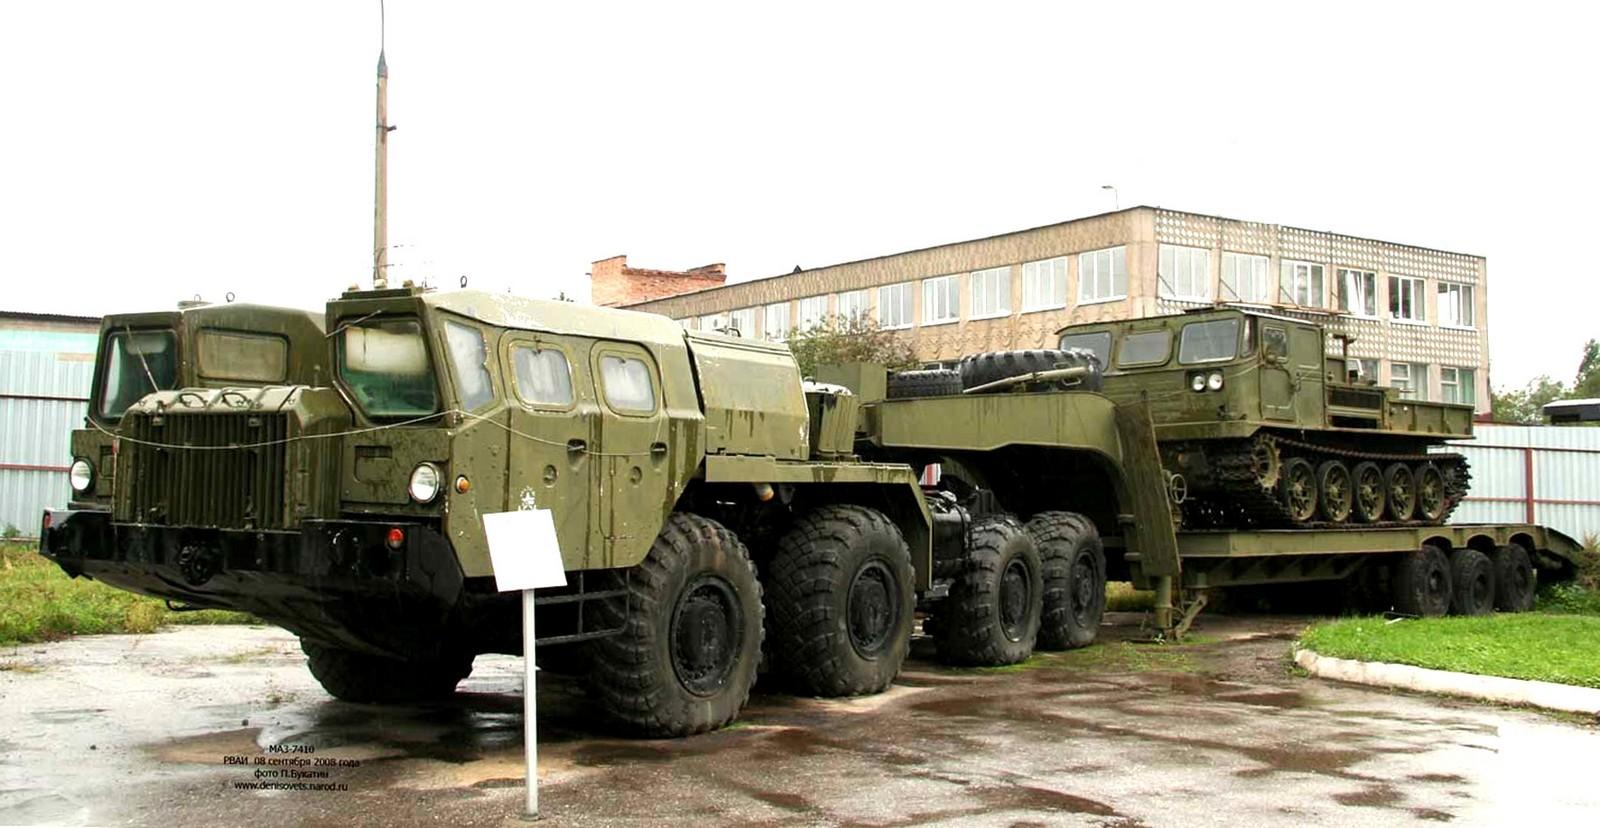 МАЗ-74101 с полуприцепом ЧМЗАП-9990 в Рязанском военном музее (фото П. Букатина)